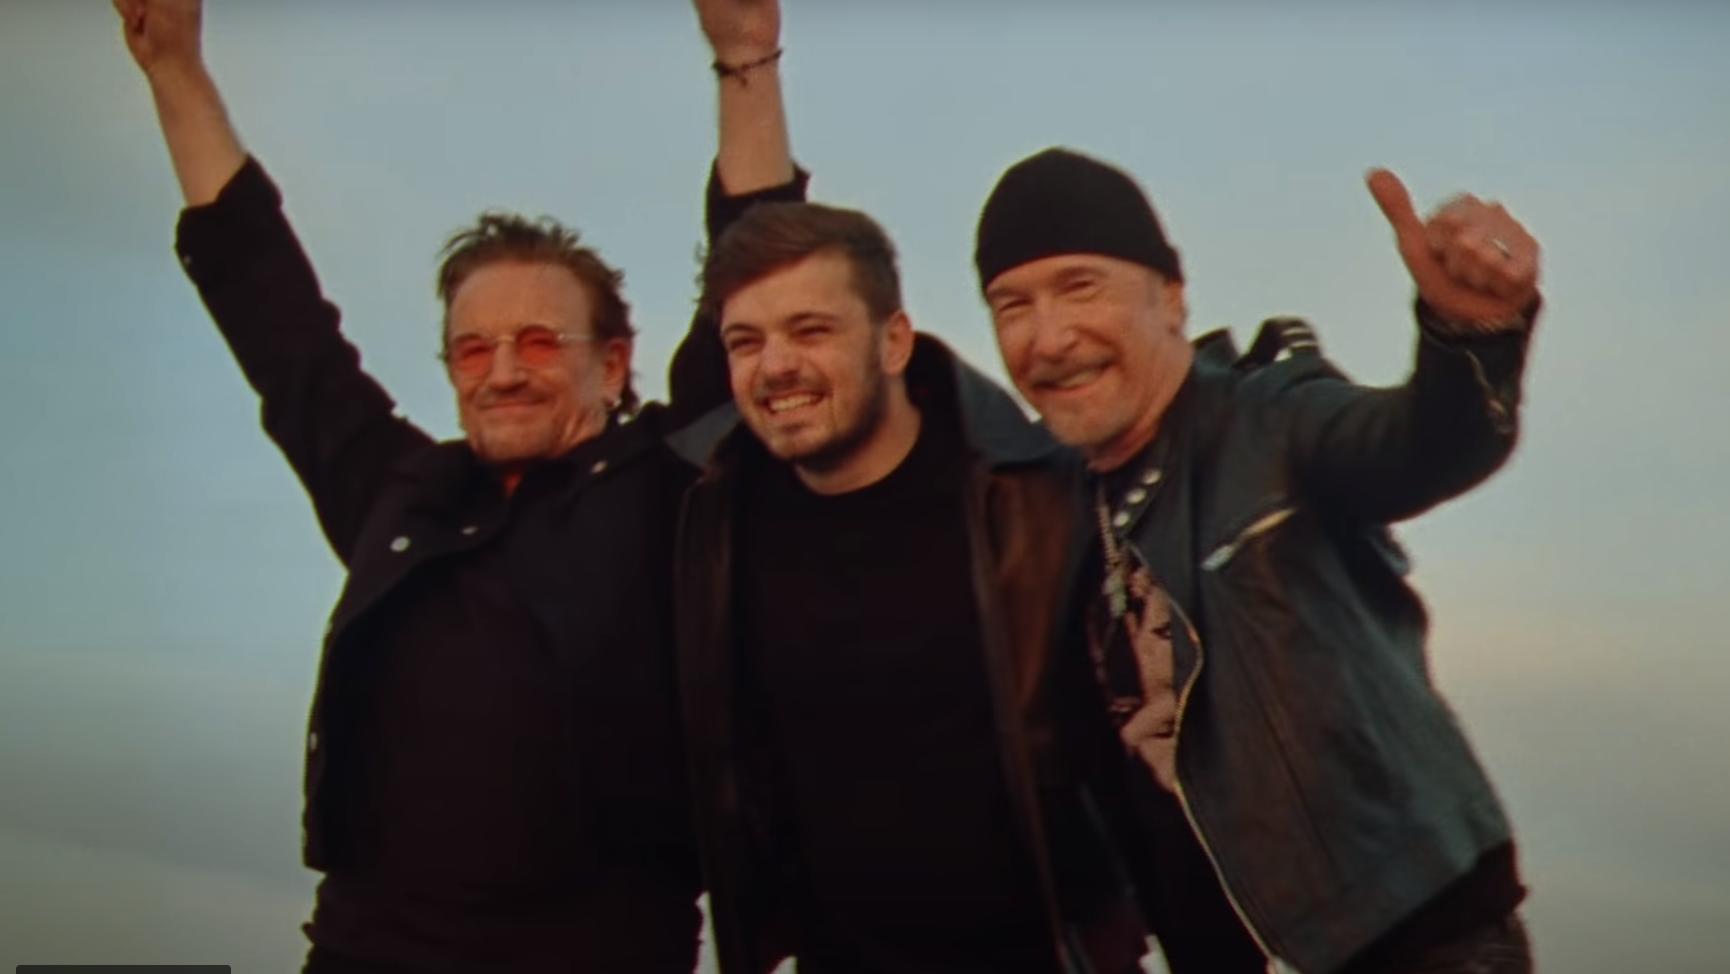 Bono, Martin Garrix und The Edge stecken hinter dem Song.